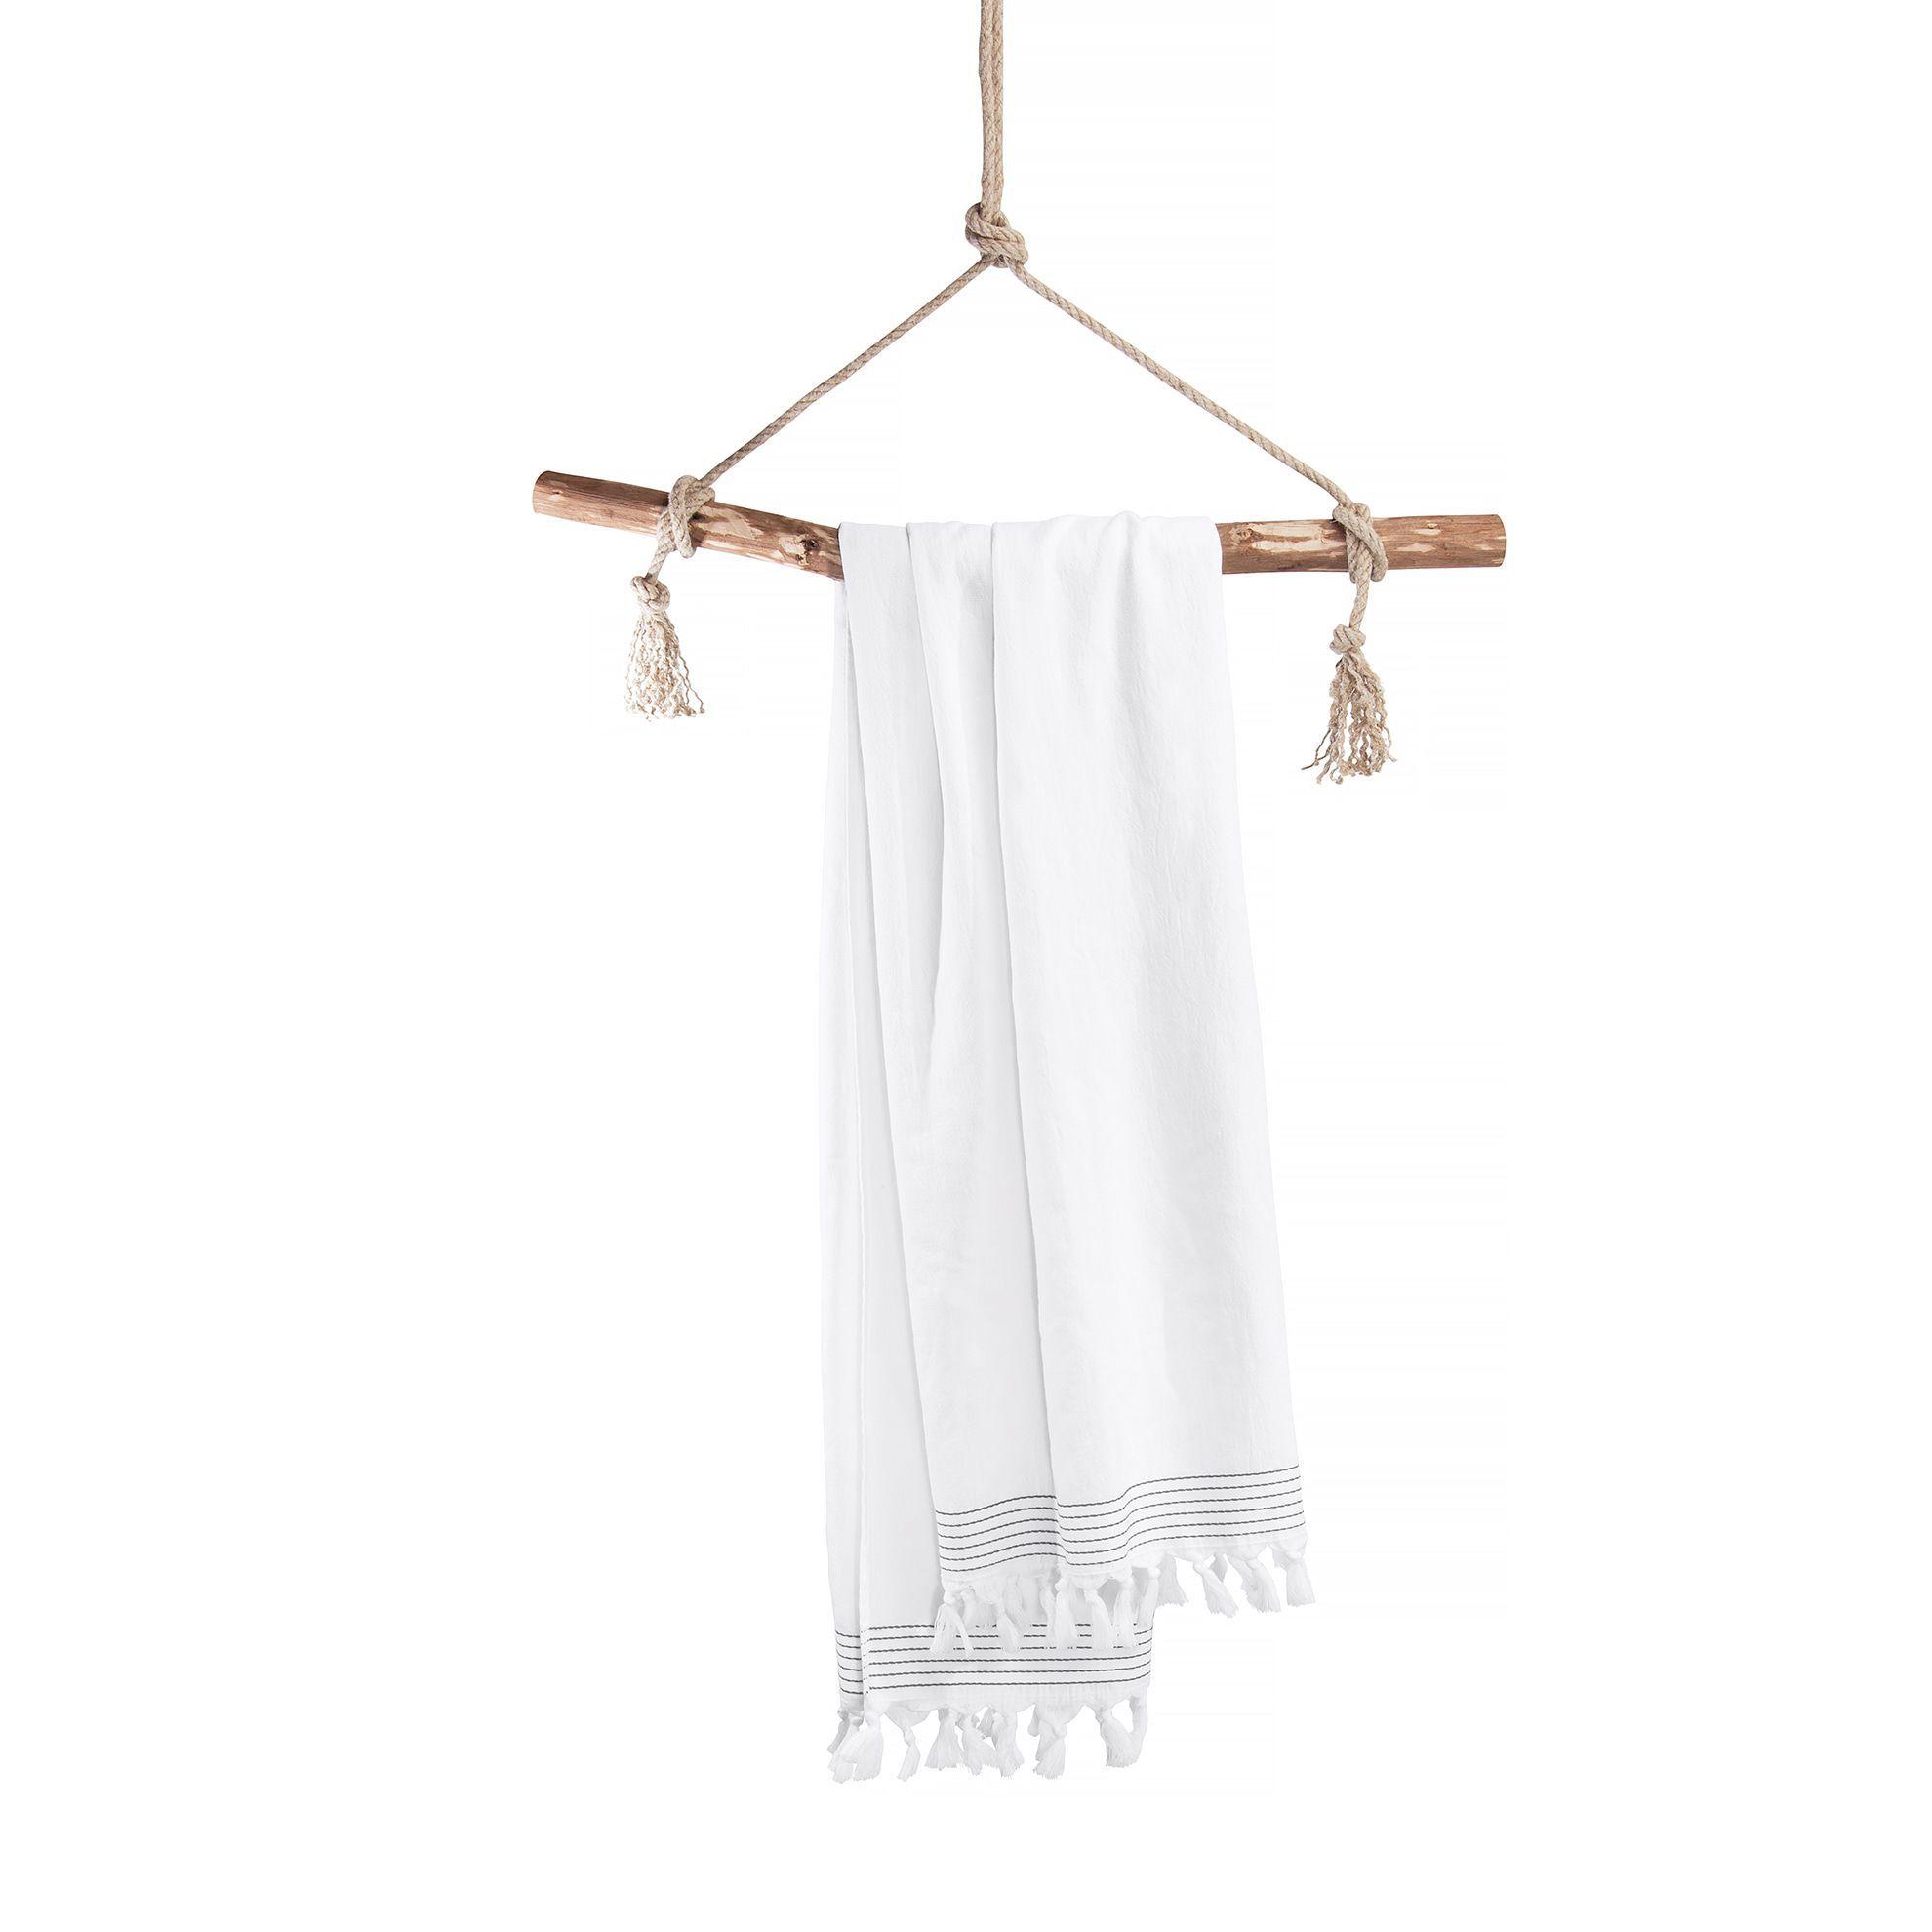 Walra Soft Cotton Hamamdoek 100x180 cm 650 gram White